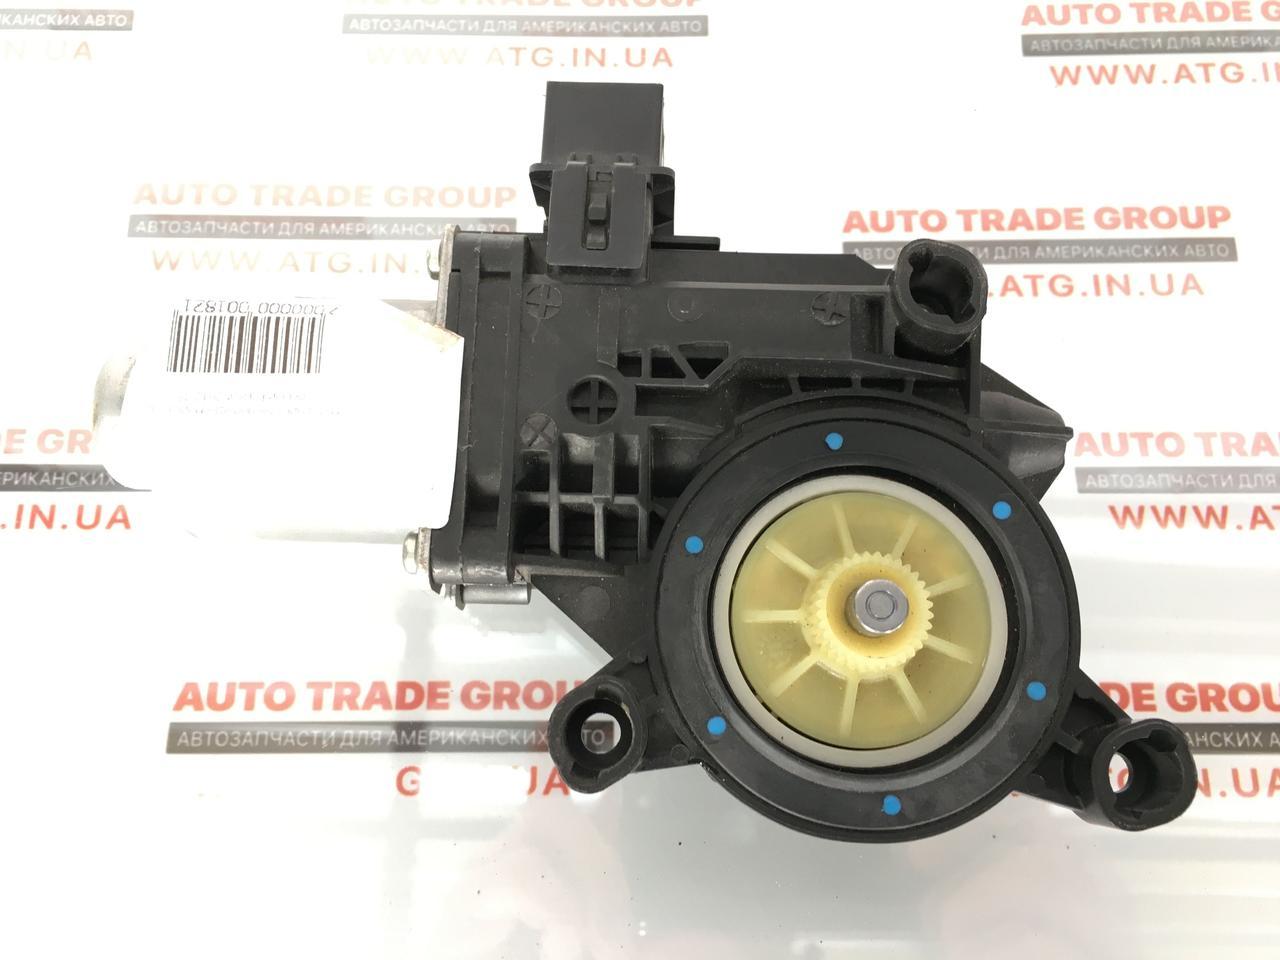 Моторчик стеклоподьемника задній правий VW Passat B7 USA 2012-2015